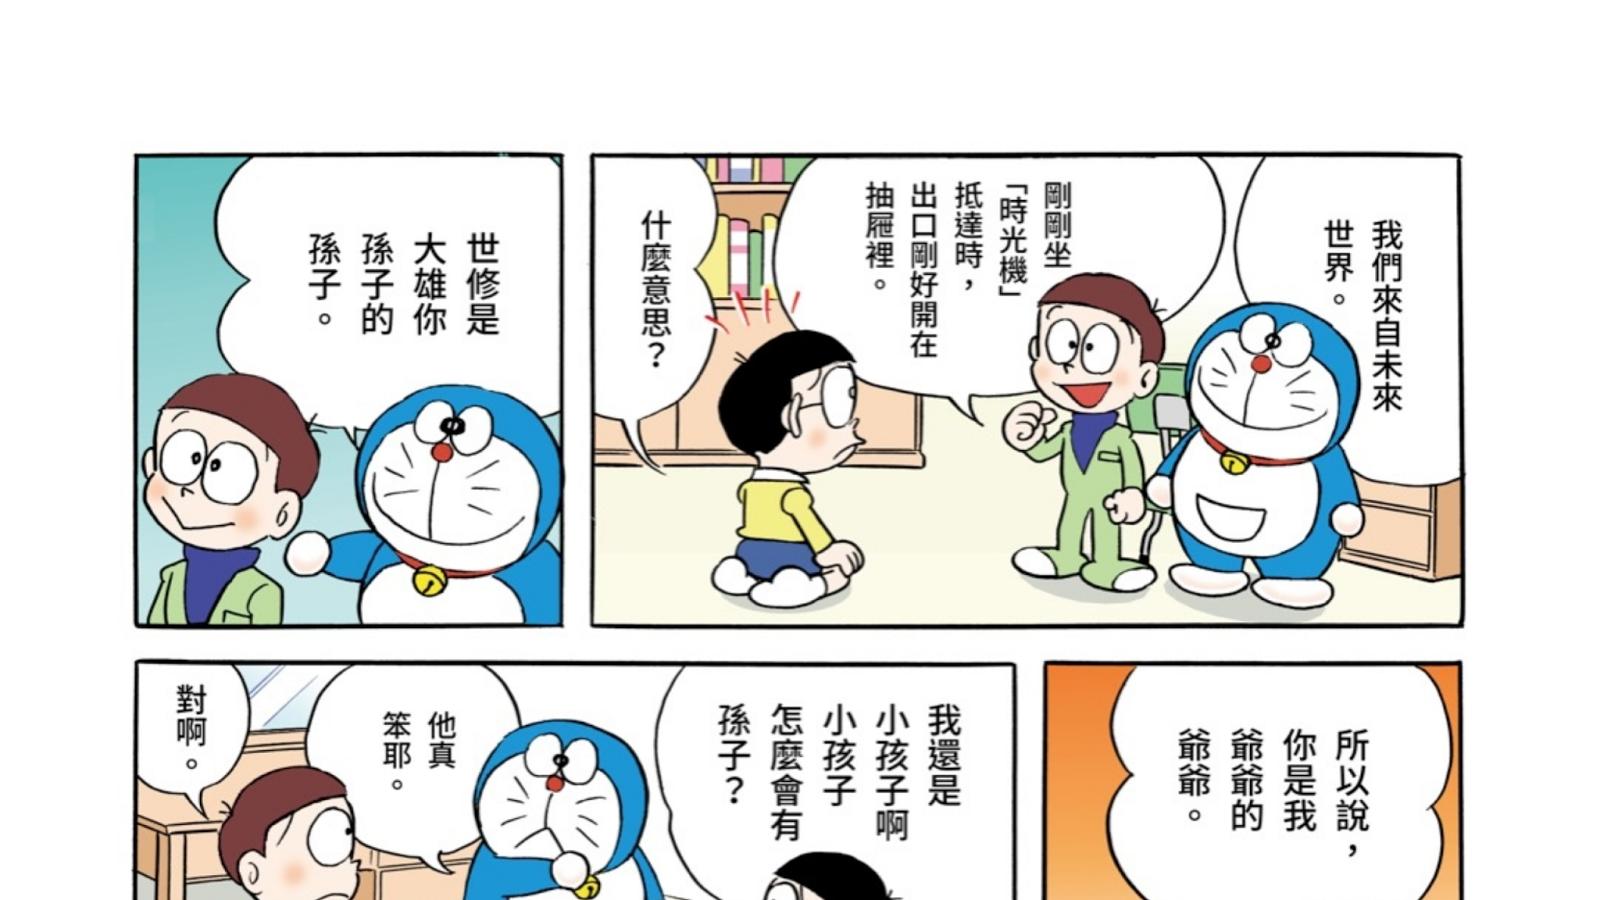 哆啦A夢第一話全彩漫畫在 Google Play 圖書免費下載